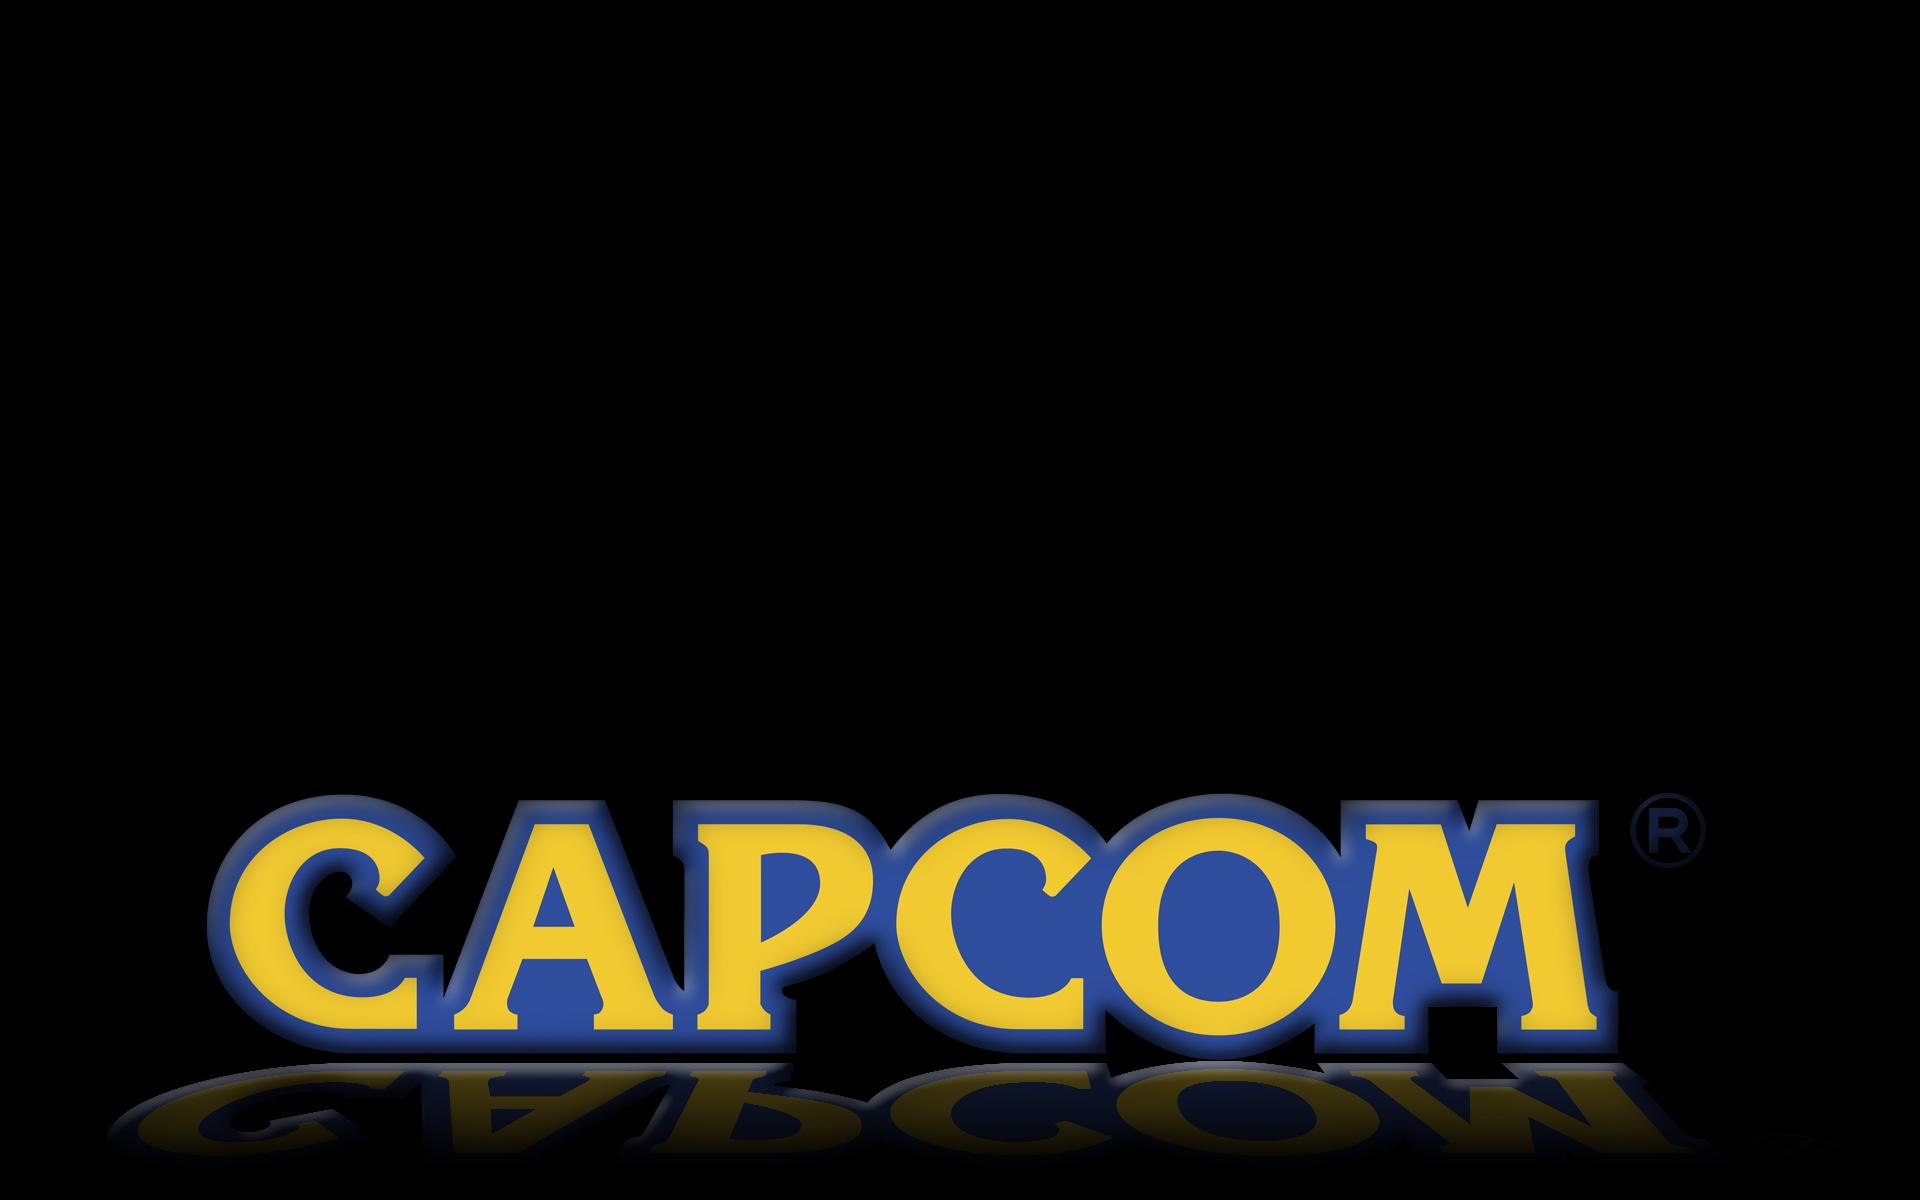 CAPCOM Logo by ARZCOMP